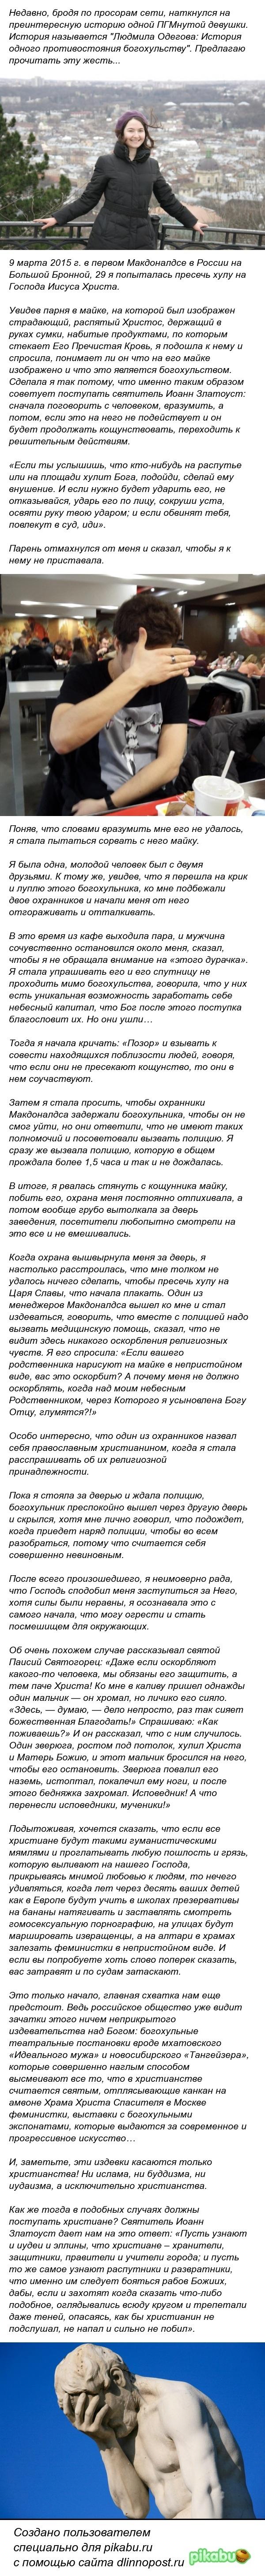 Противостояние богохульству Бог, Богохульство, Макдоналдс, Москва, 21 век, Длиннопост